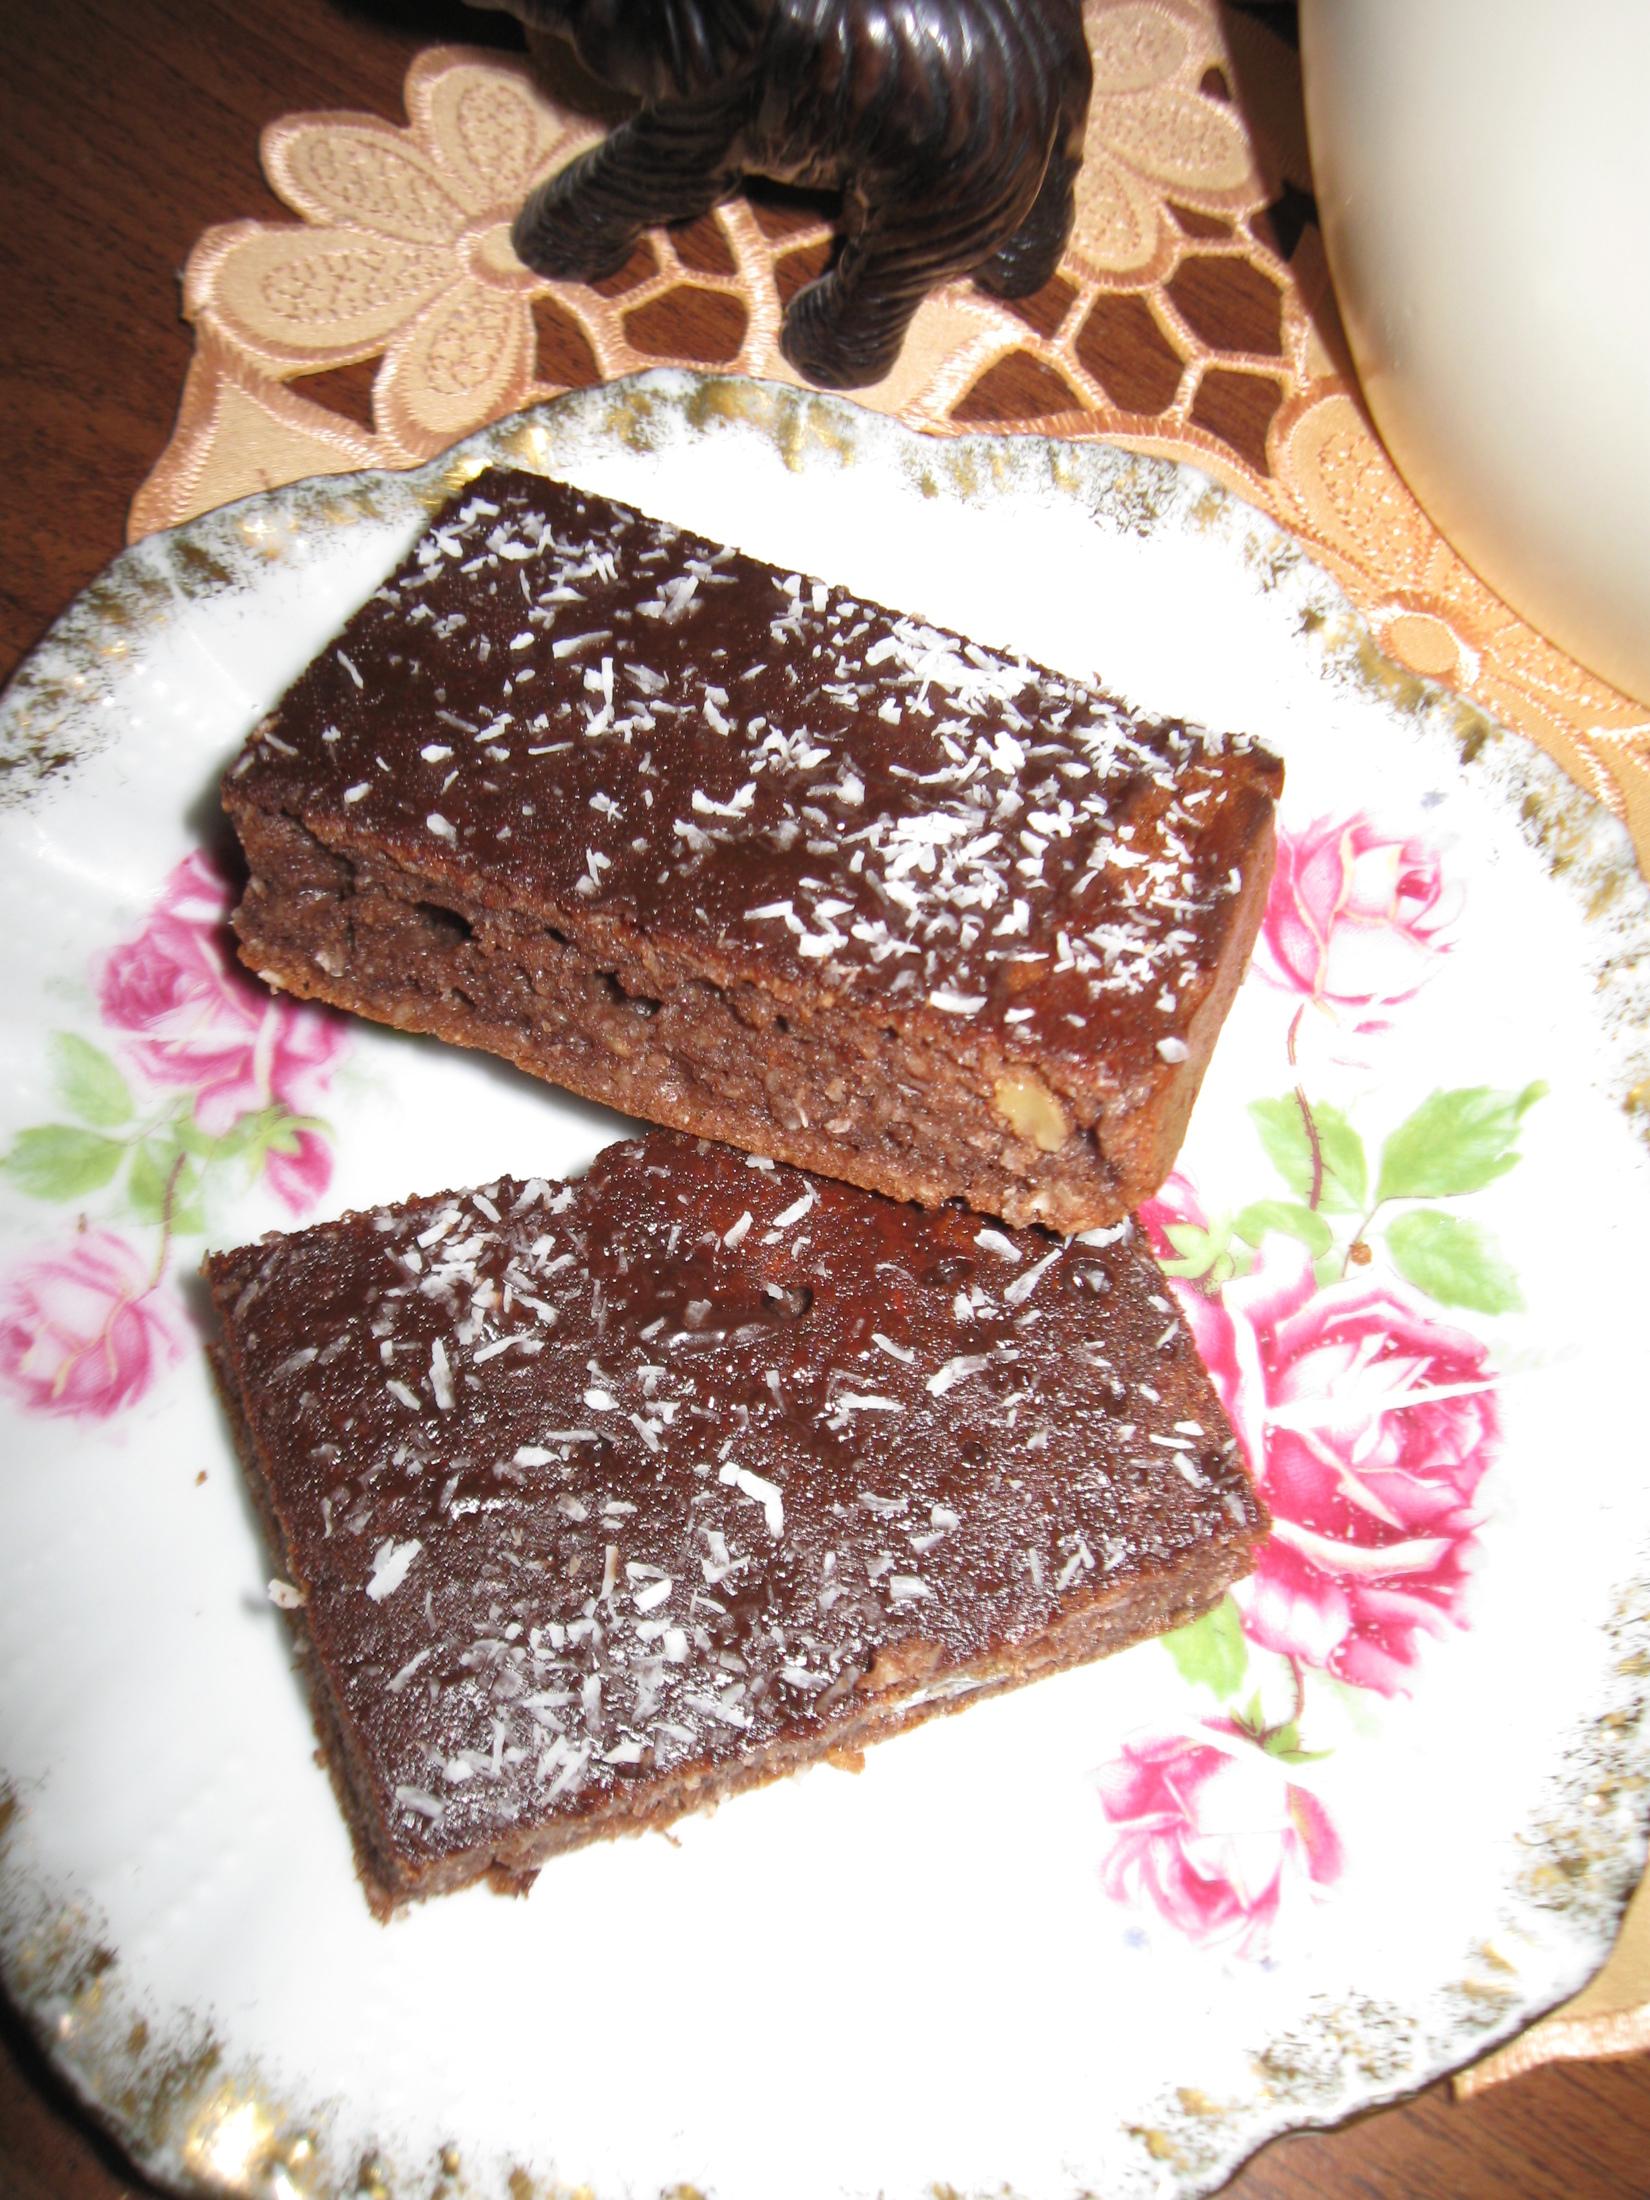 Fotografie receptu: Lehké kakaové řezy s kokosem a hořkou čokoládou